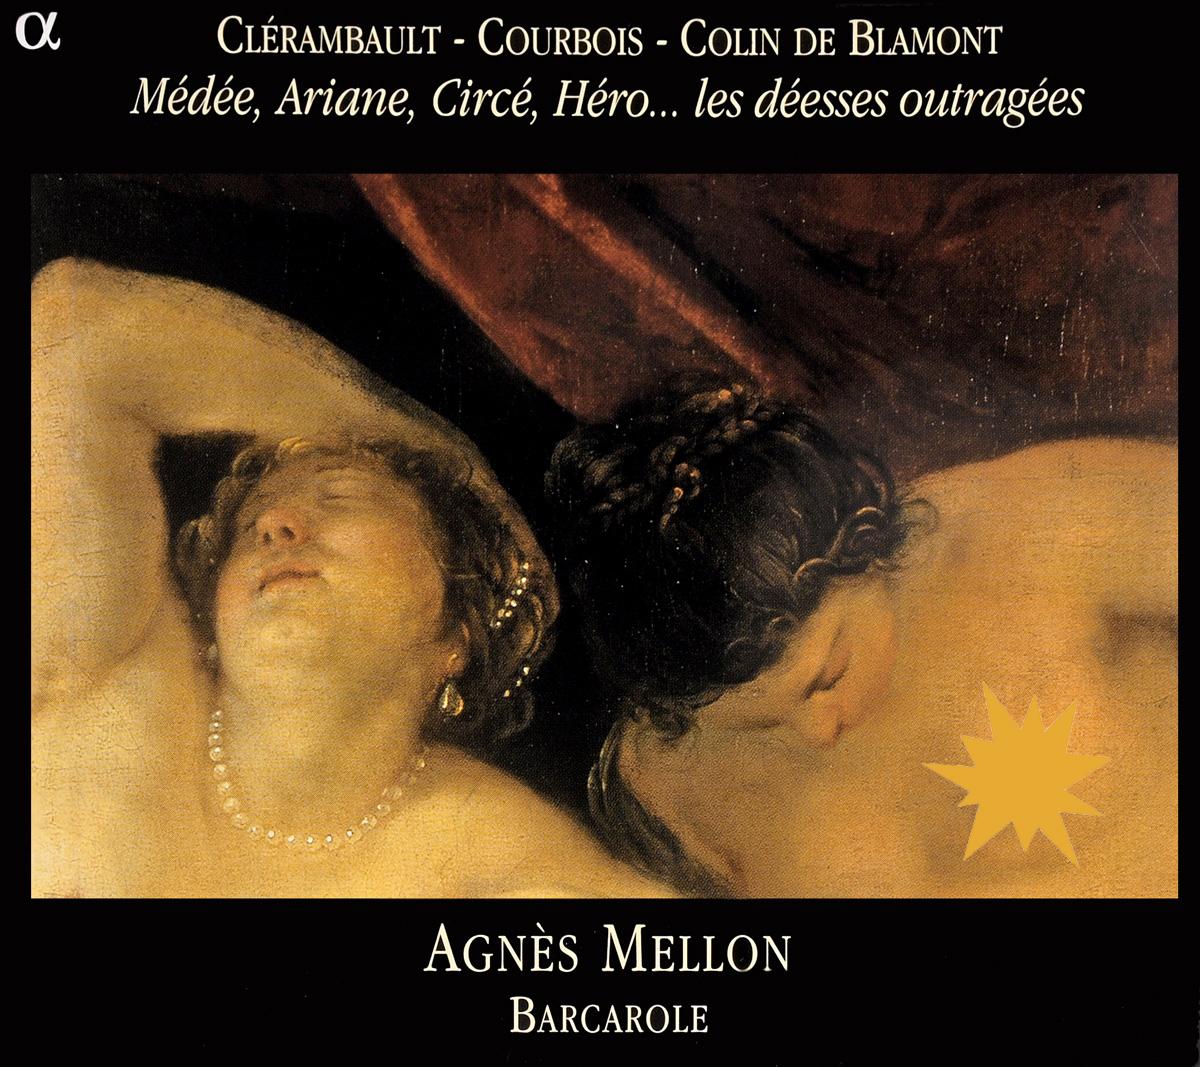 Agnes Mellon. Les Deesses Outragees